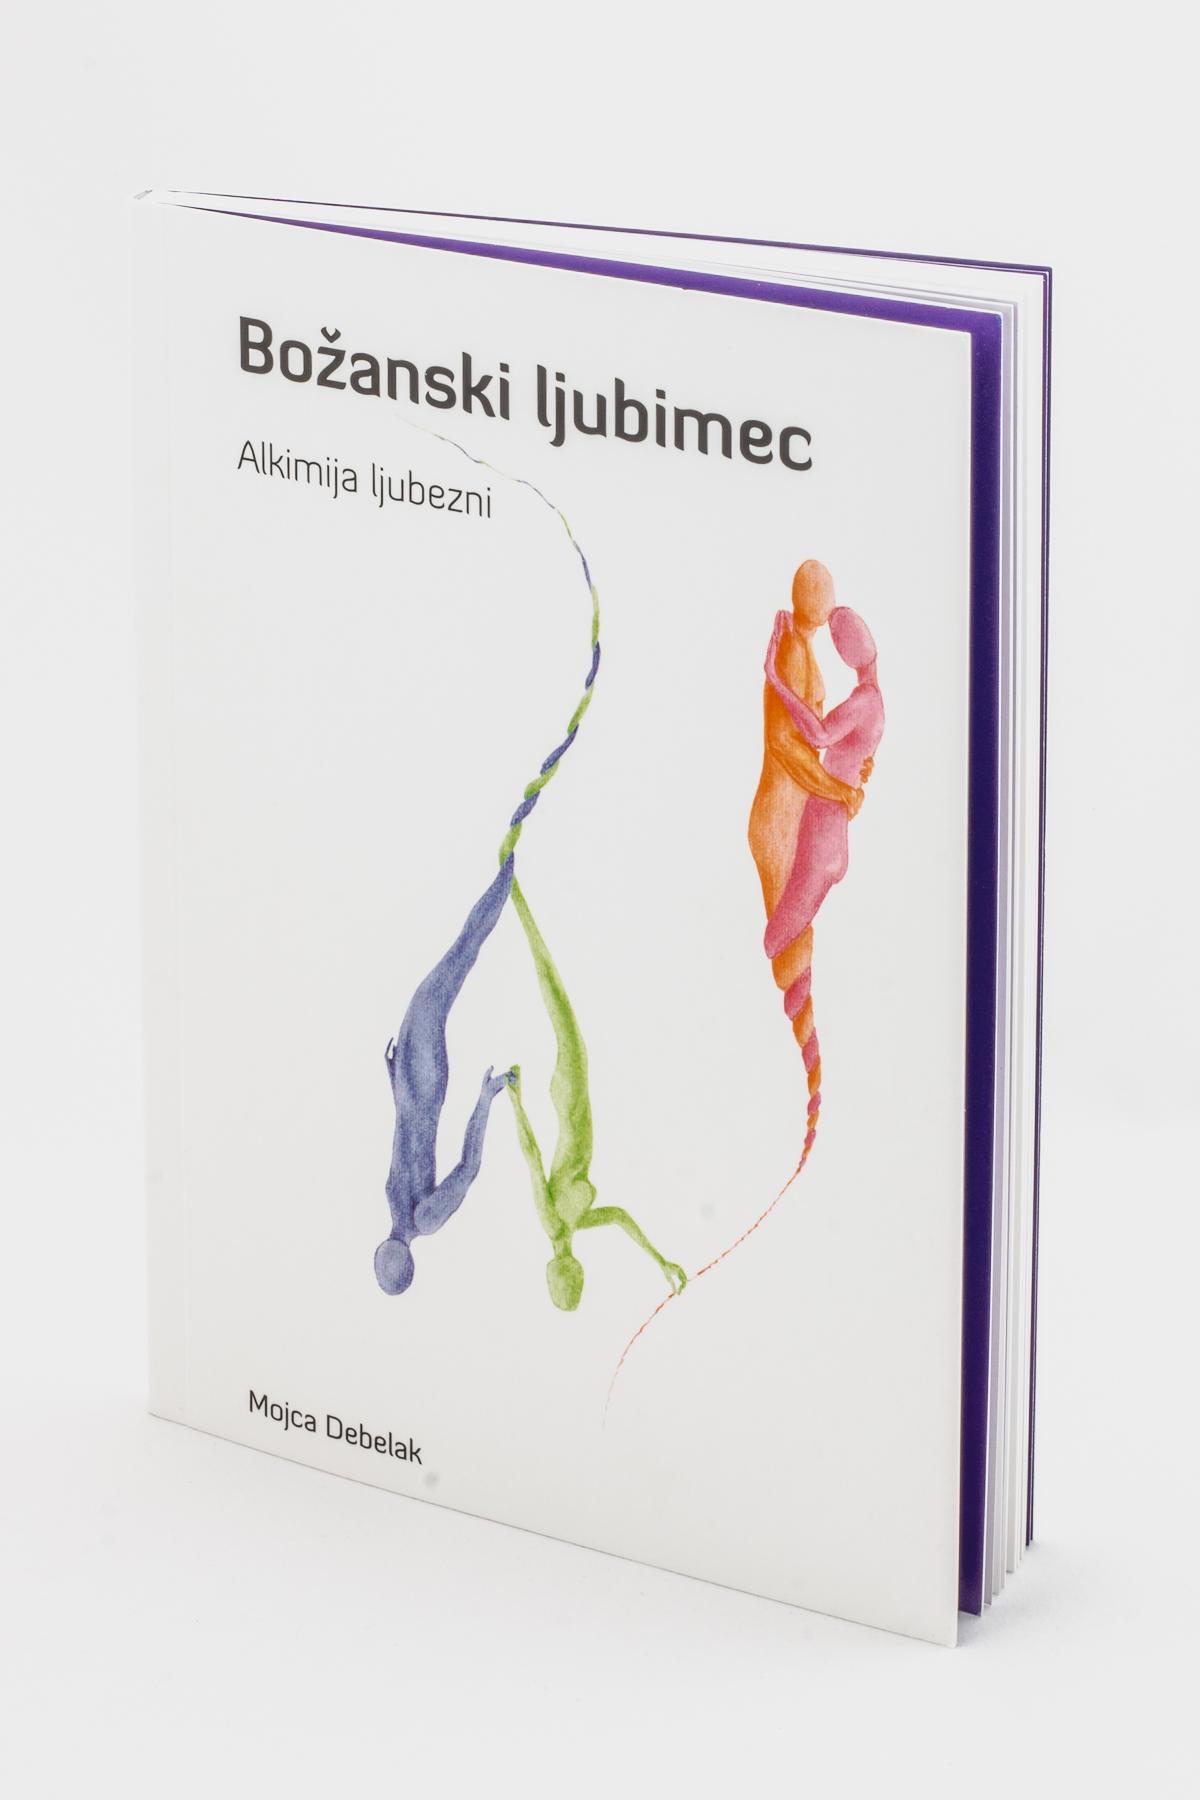 Bozanski_ljubimec-front